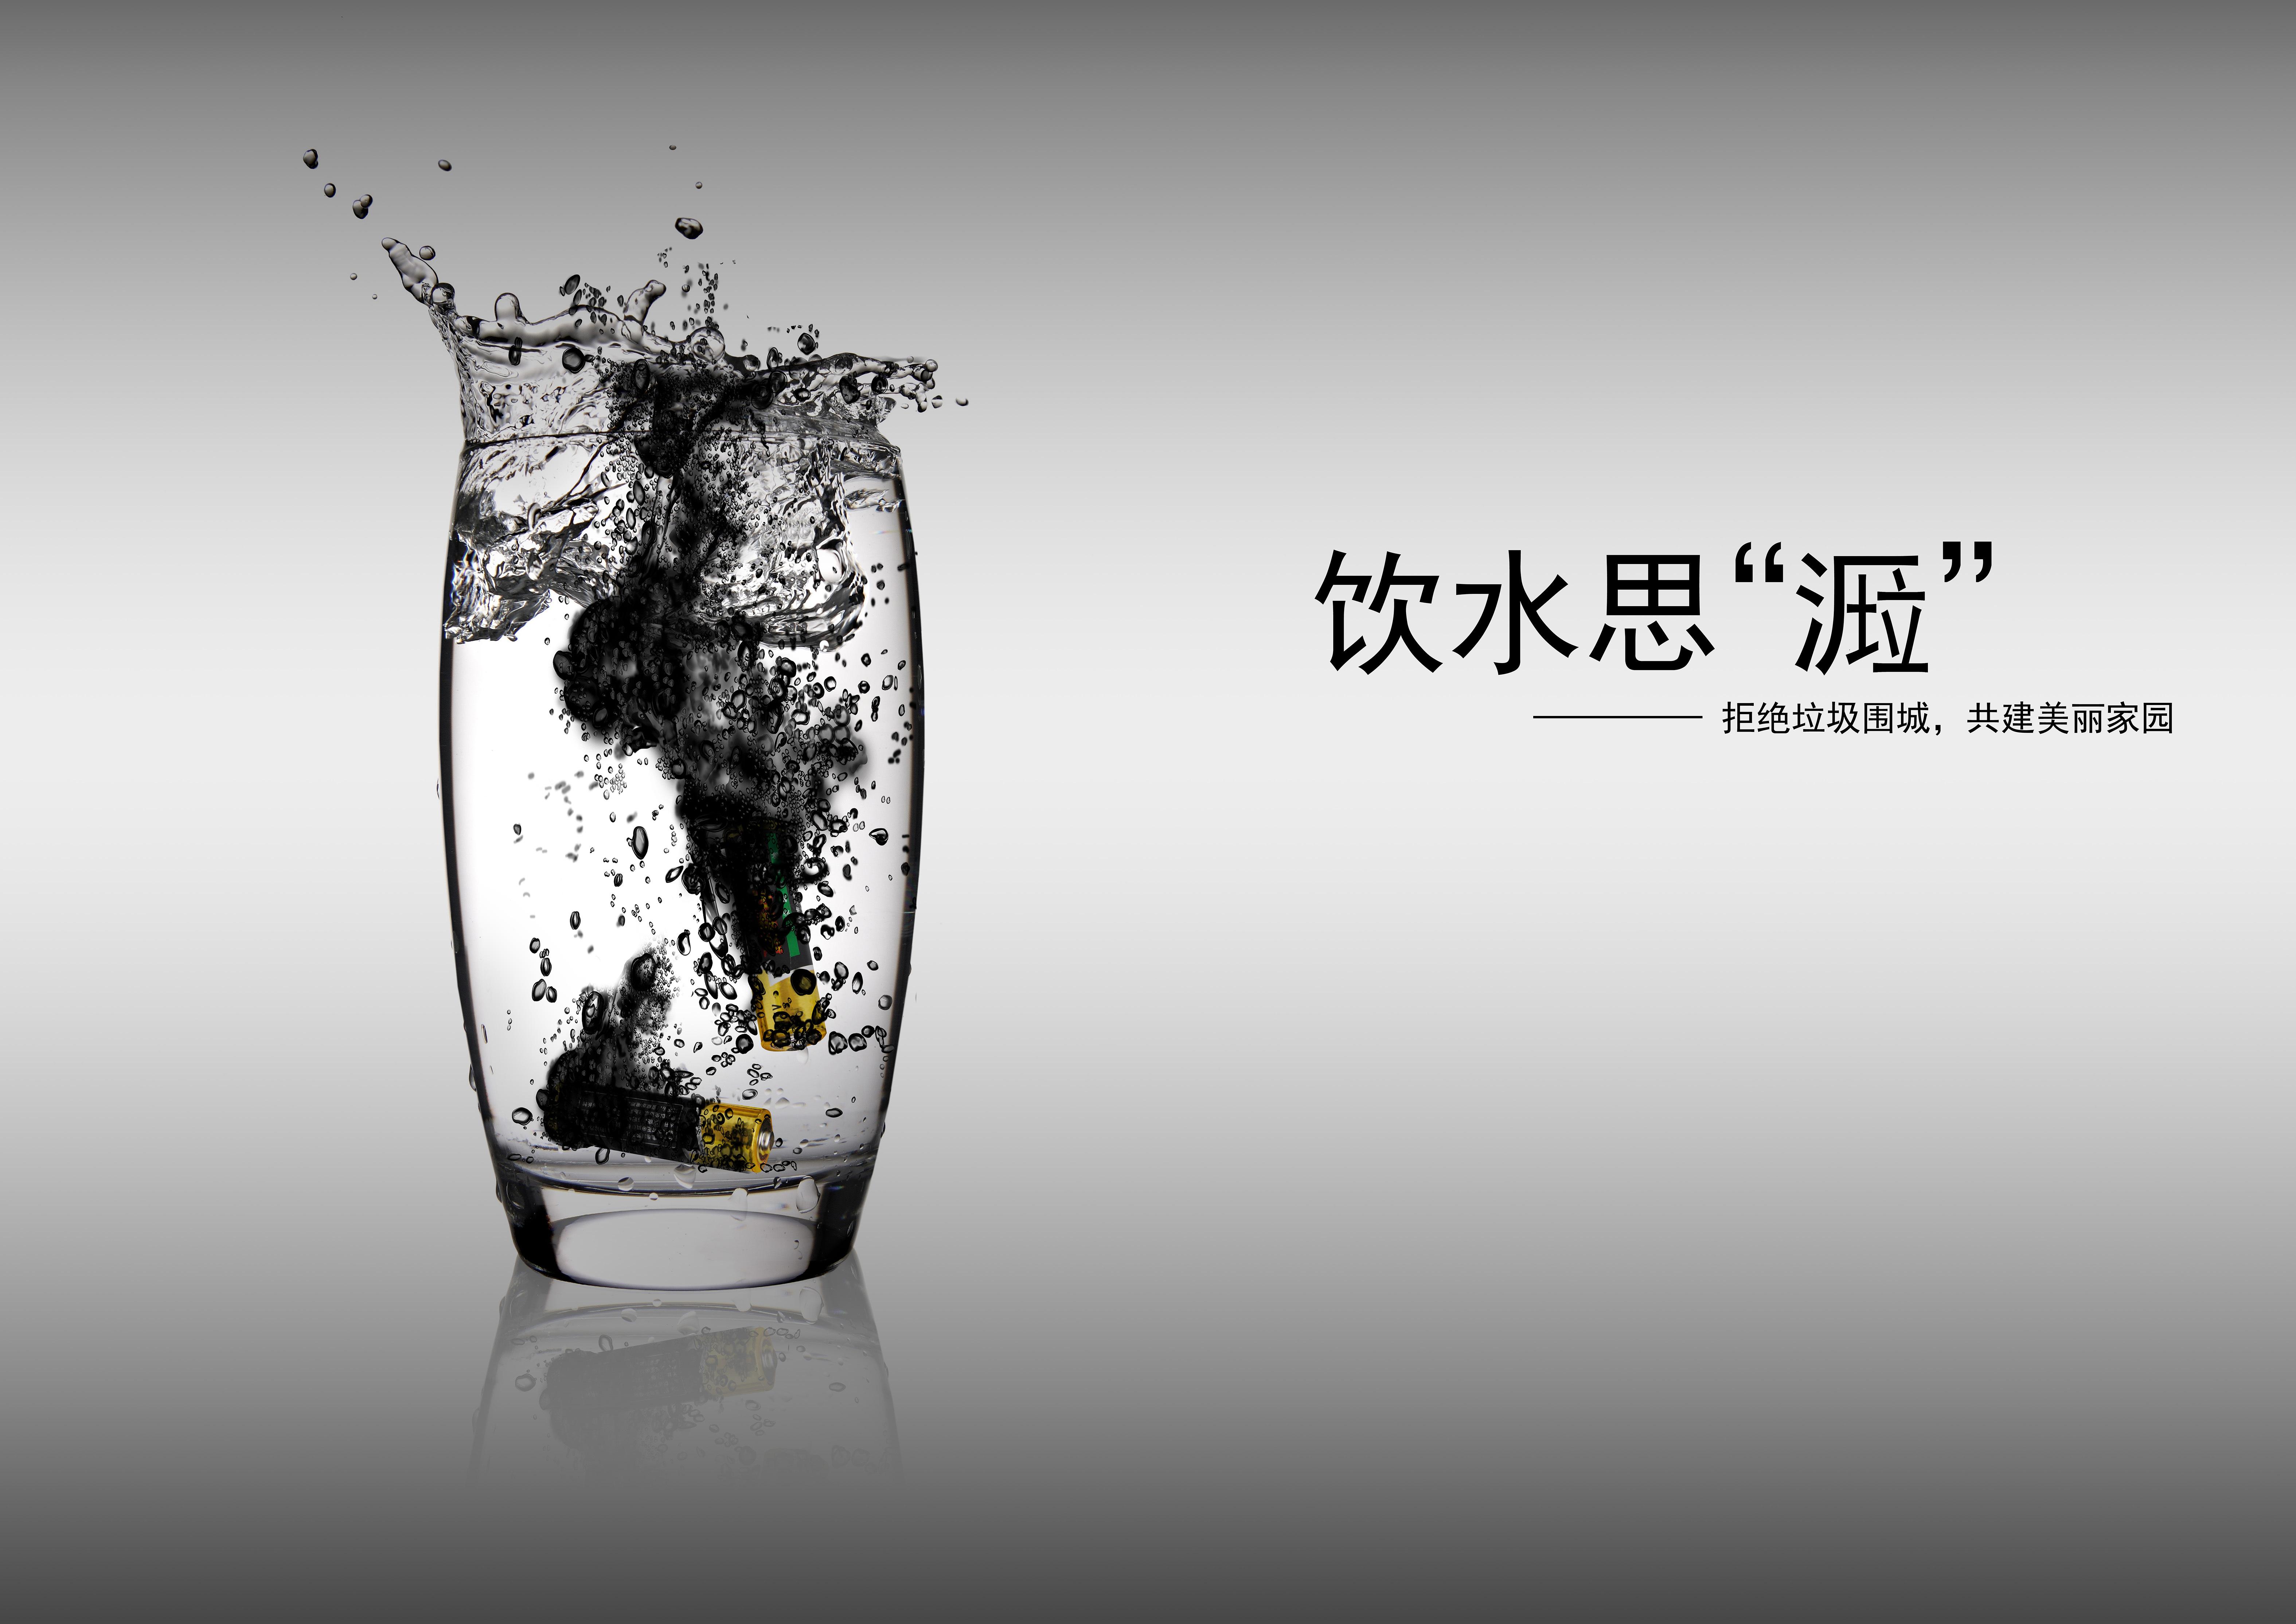 公益广告|平面|海报|多毛星人 - 原创作品 - 站酷图片